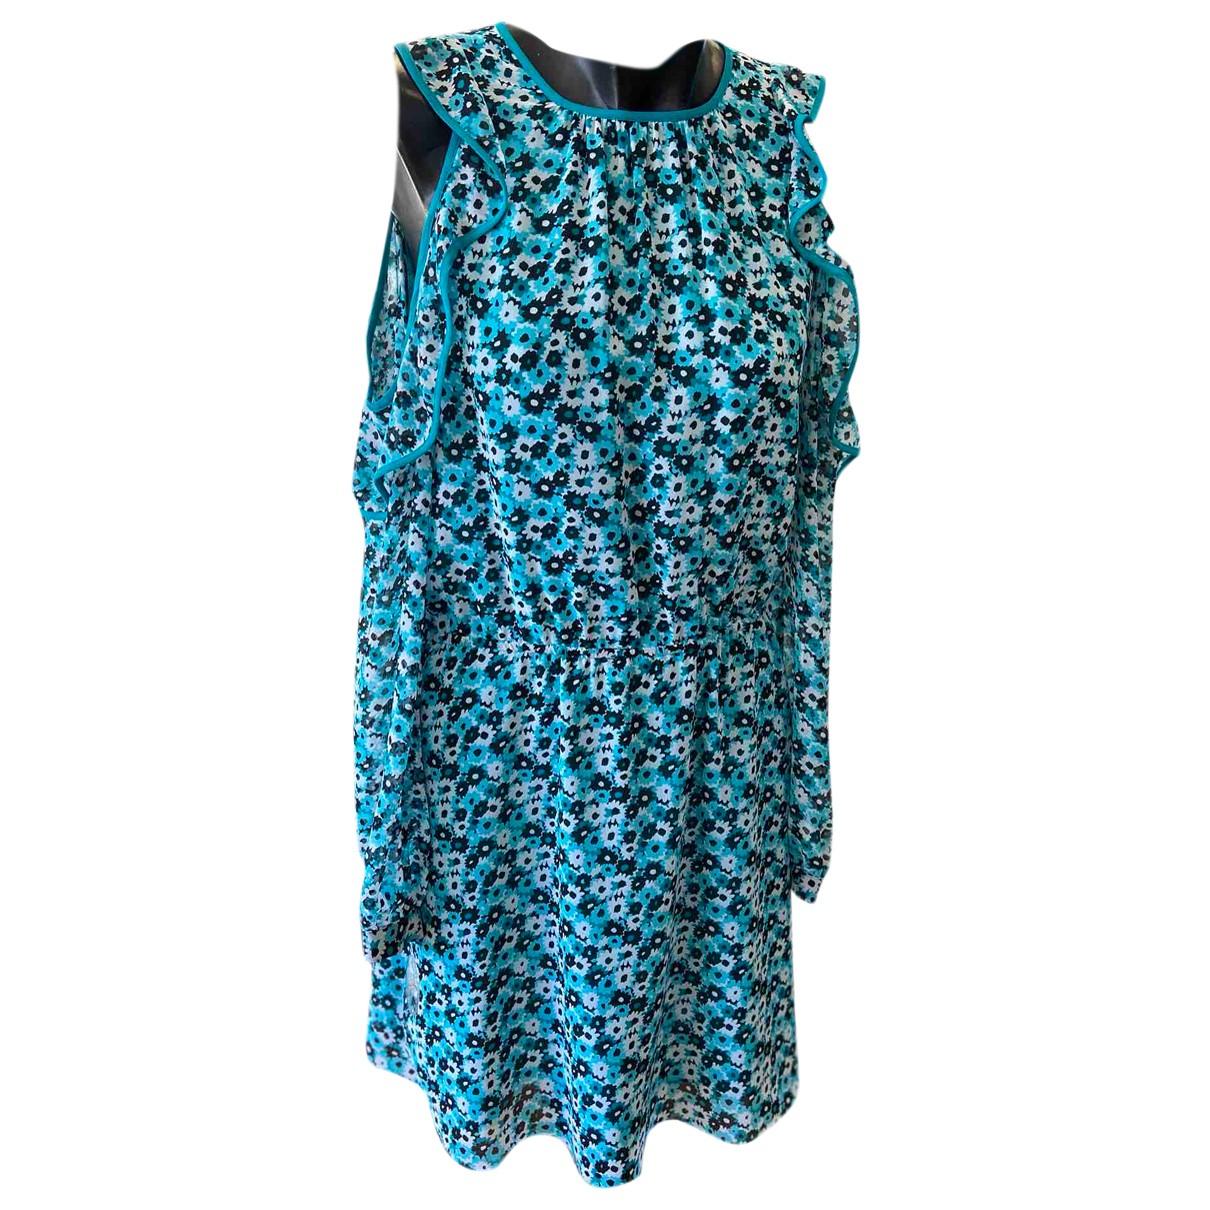 Michael Kors \N Turquoise dress for Women M International